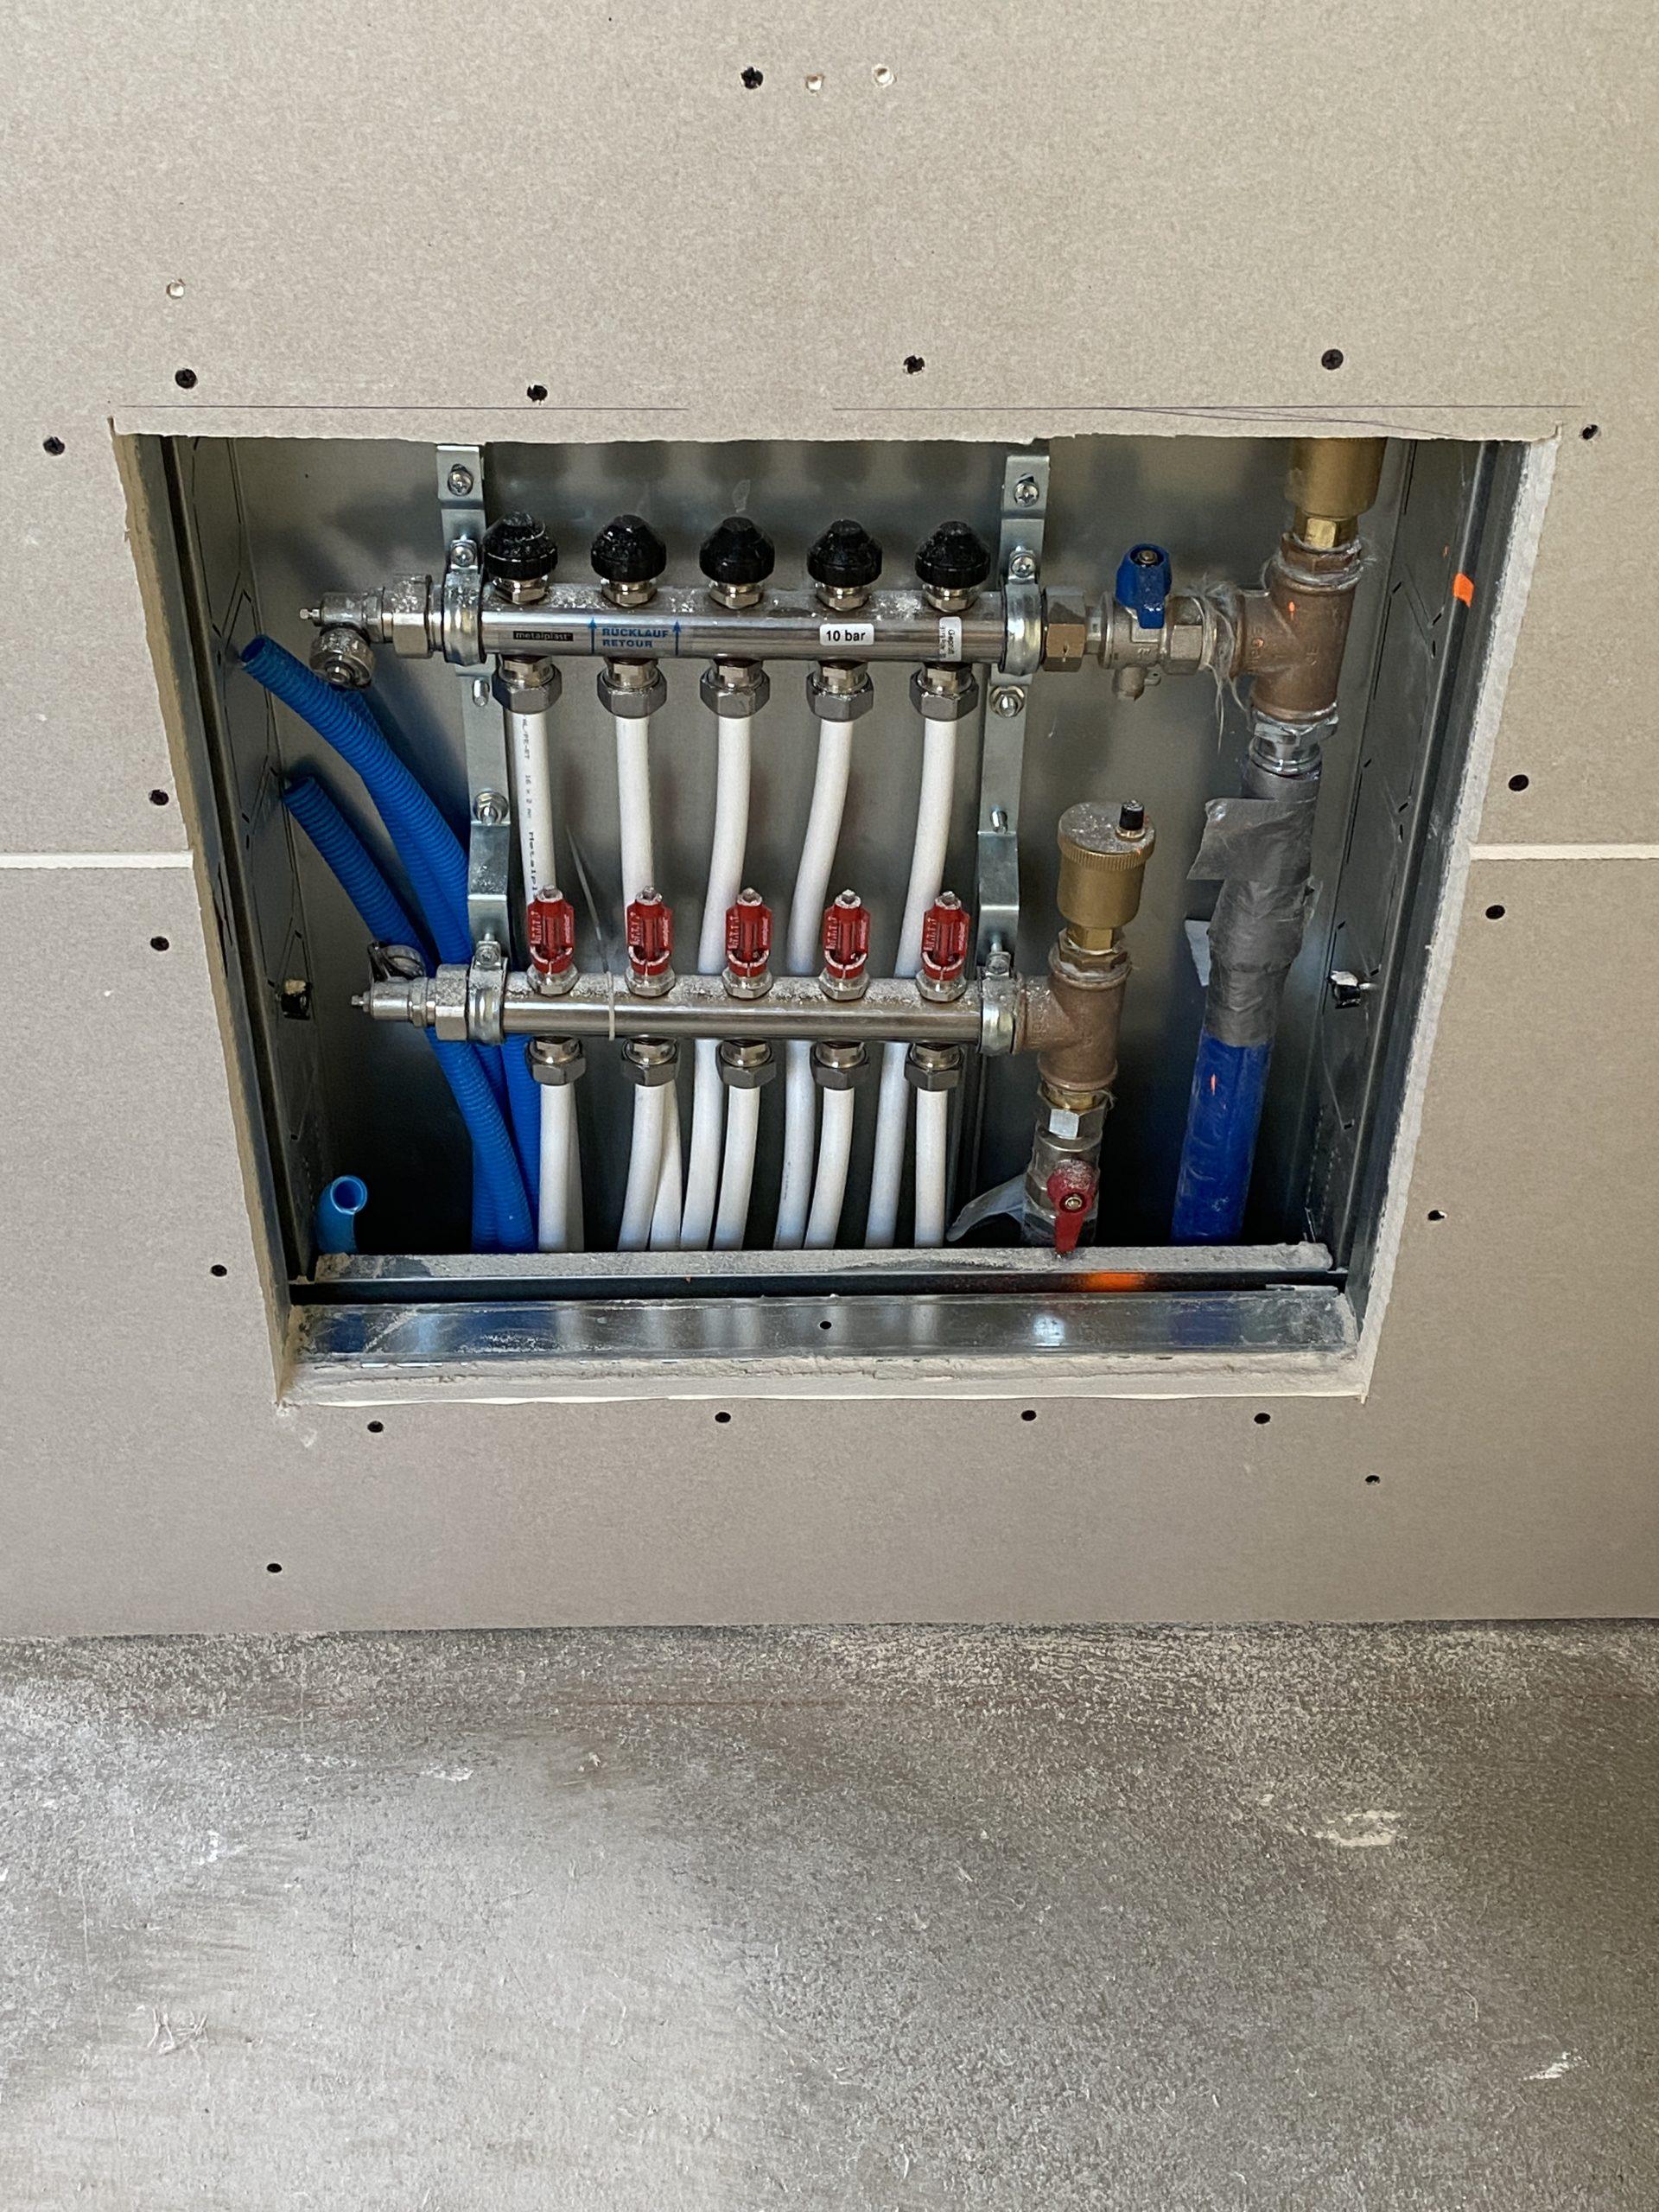 Montage de plaques de plâtre cartonnées sur une ossature métallique pour cacher un collecteur de chauffage par le sol